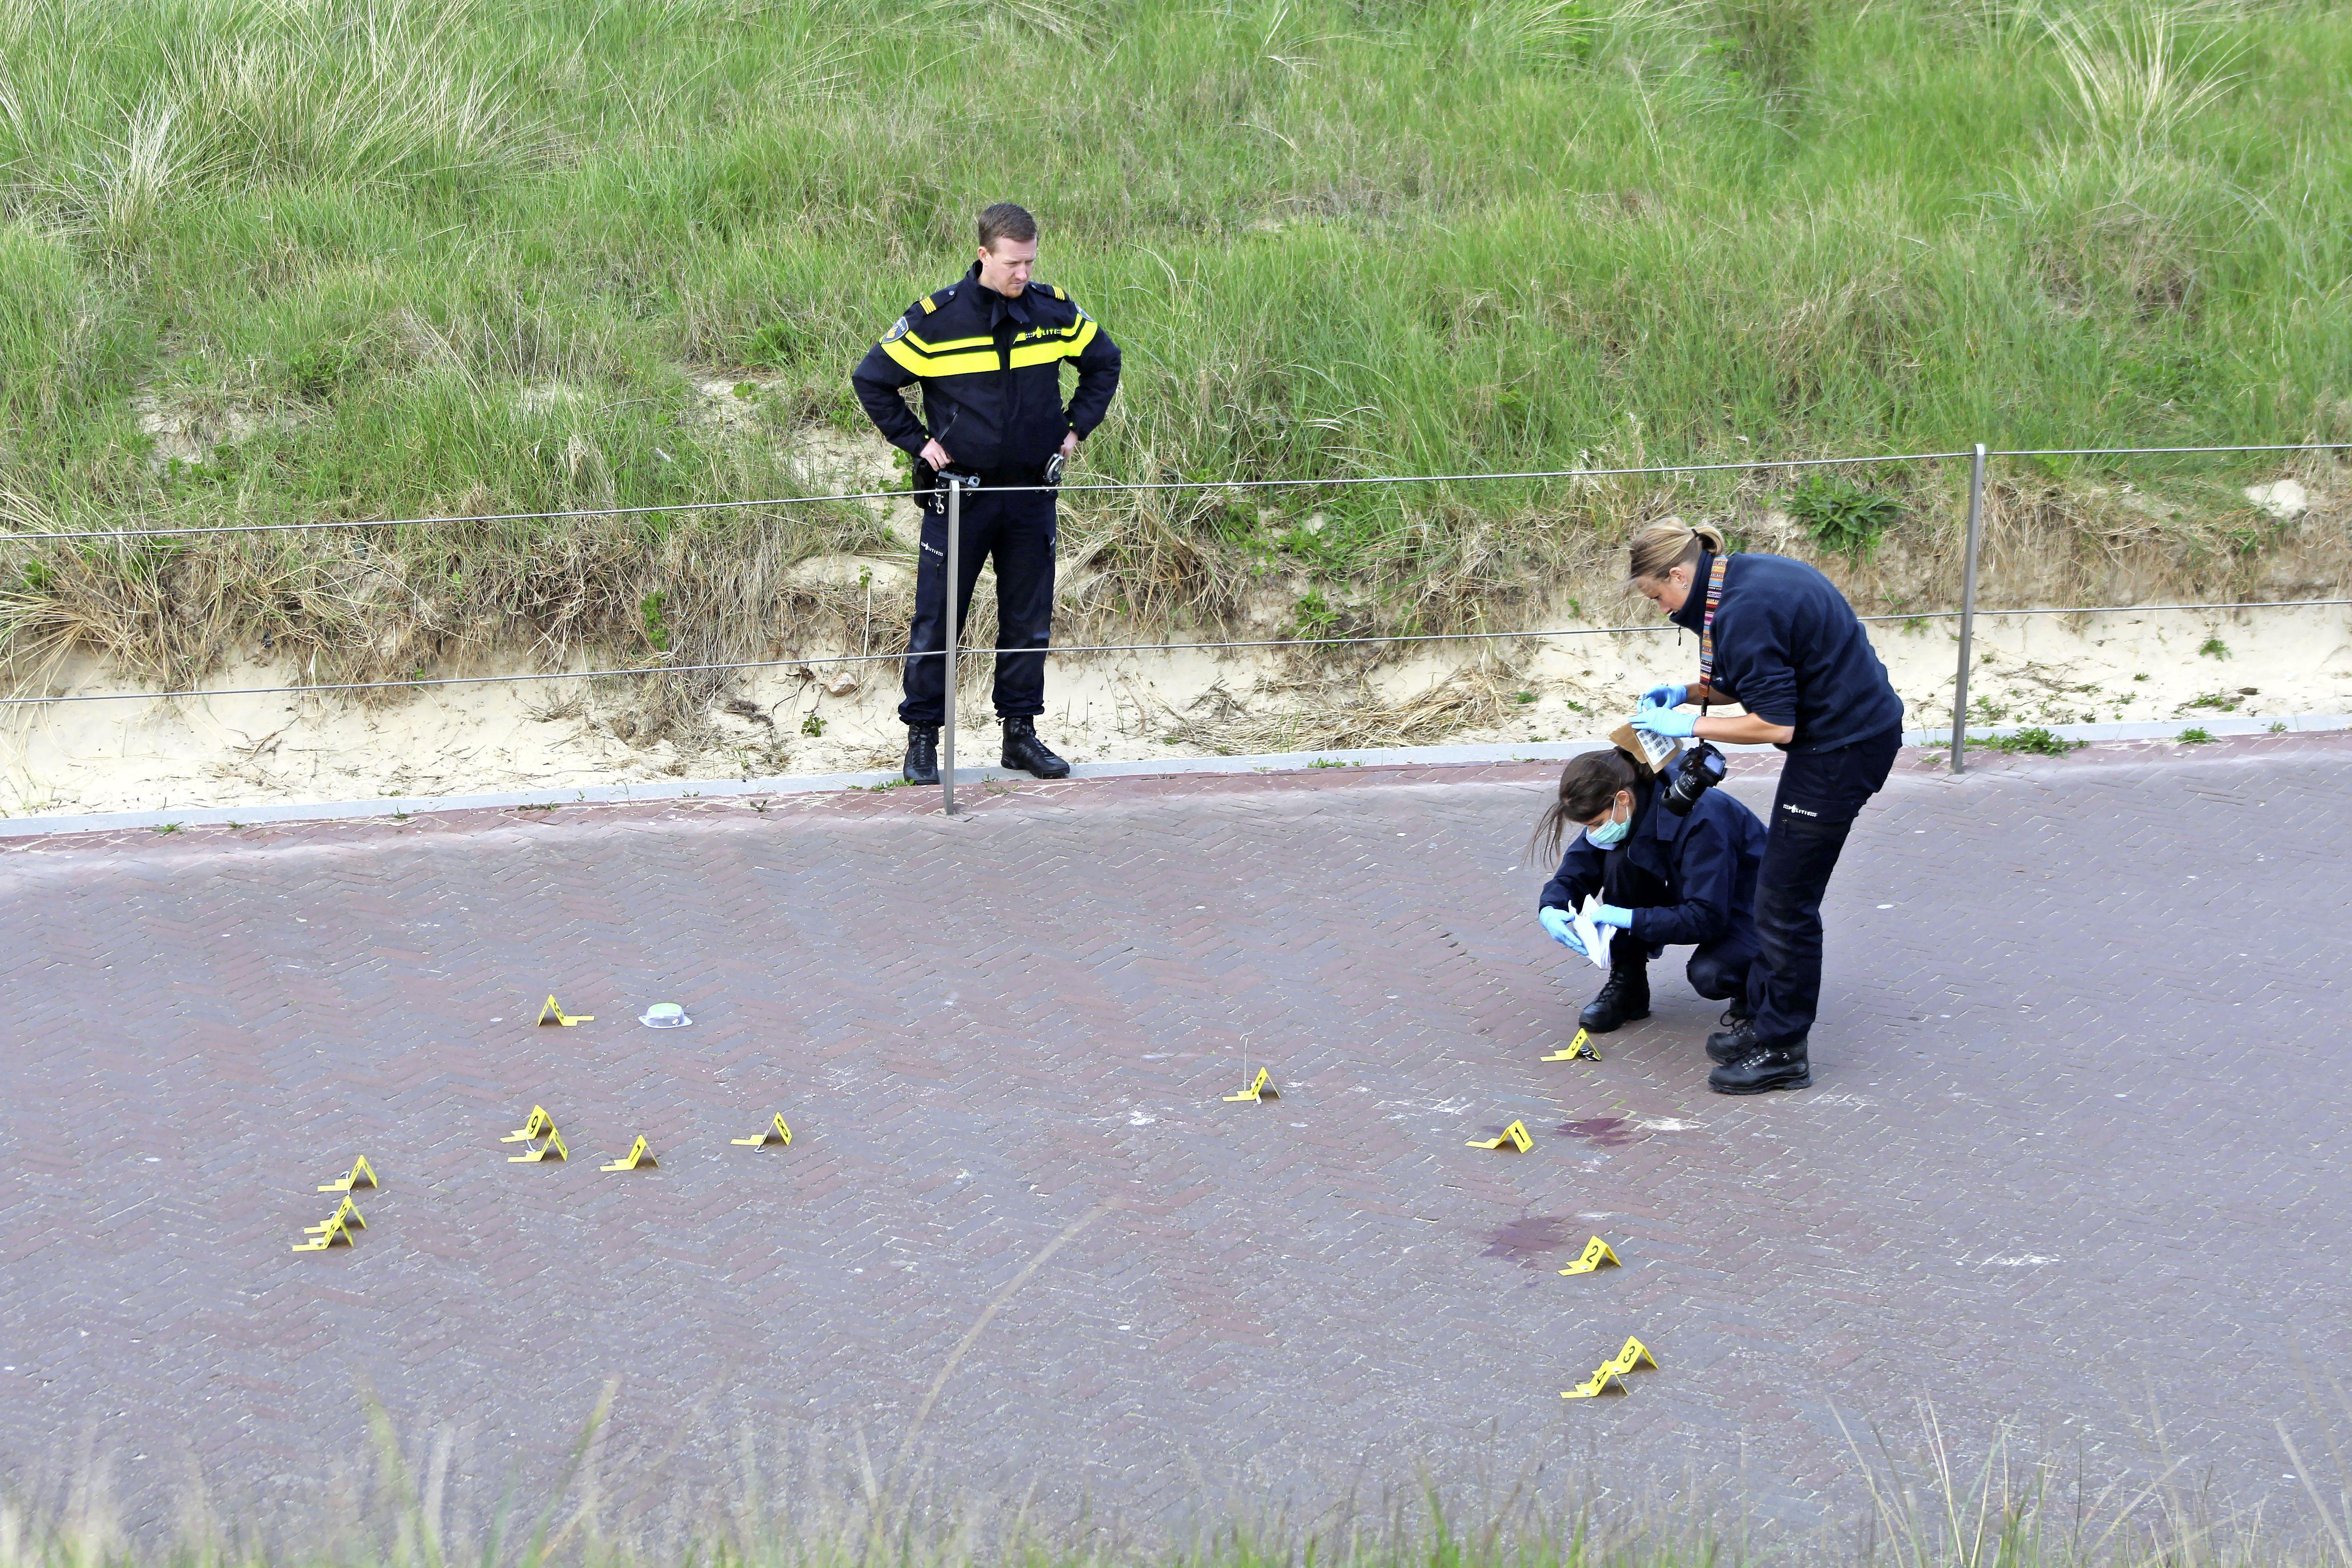 Buitensporig geweld van dronken jongeren tegen Duitse vakantiegangers in Egmond aan Zee. Een slachtoffer raakte arbeidsongeschikt, een ander heeft epileptische aanvallen. Verdachten hangen cel- en werkstraffen boven het hoofd